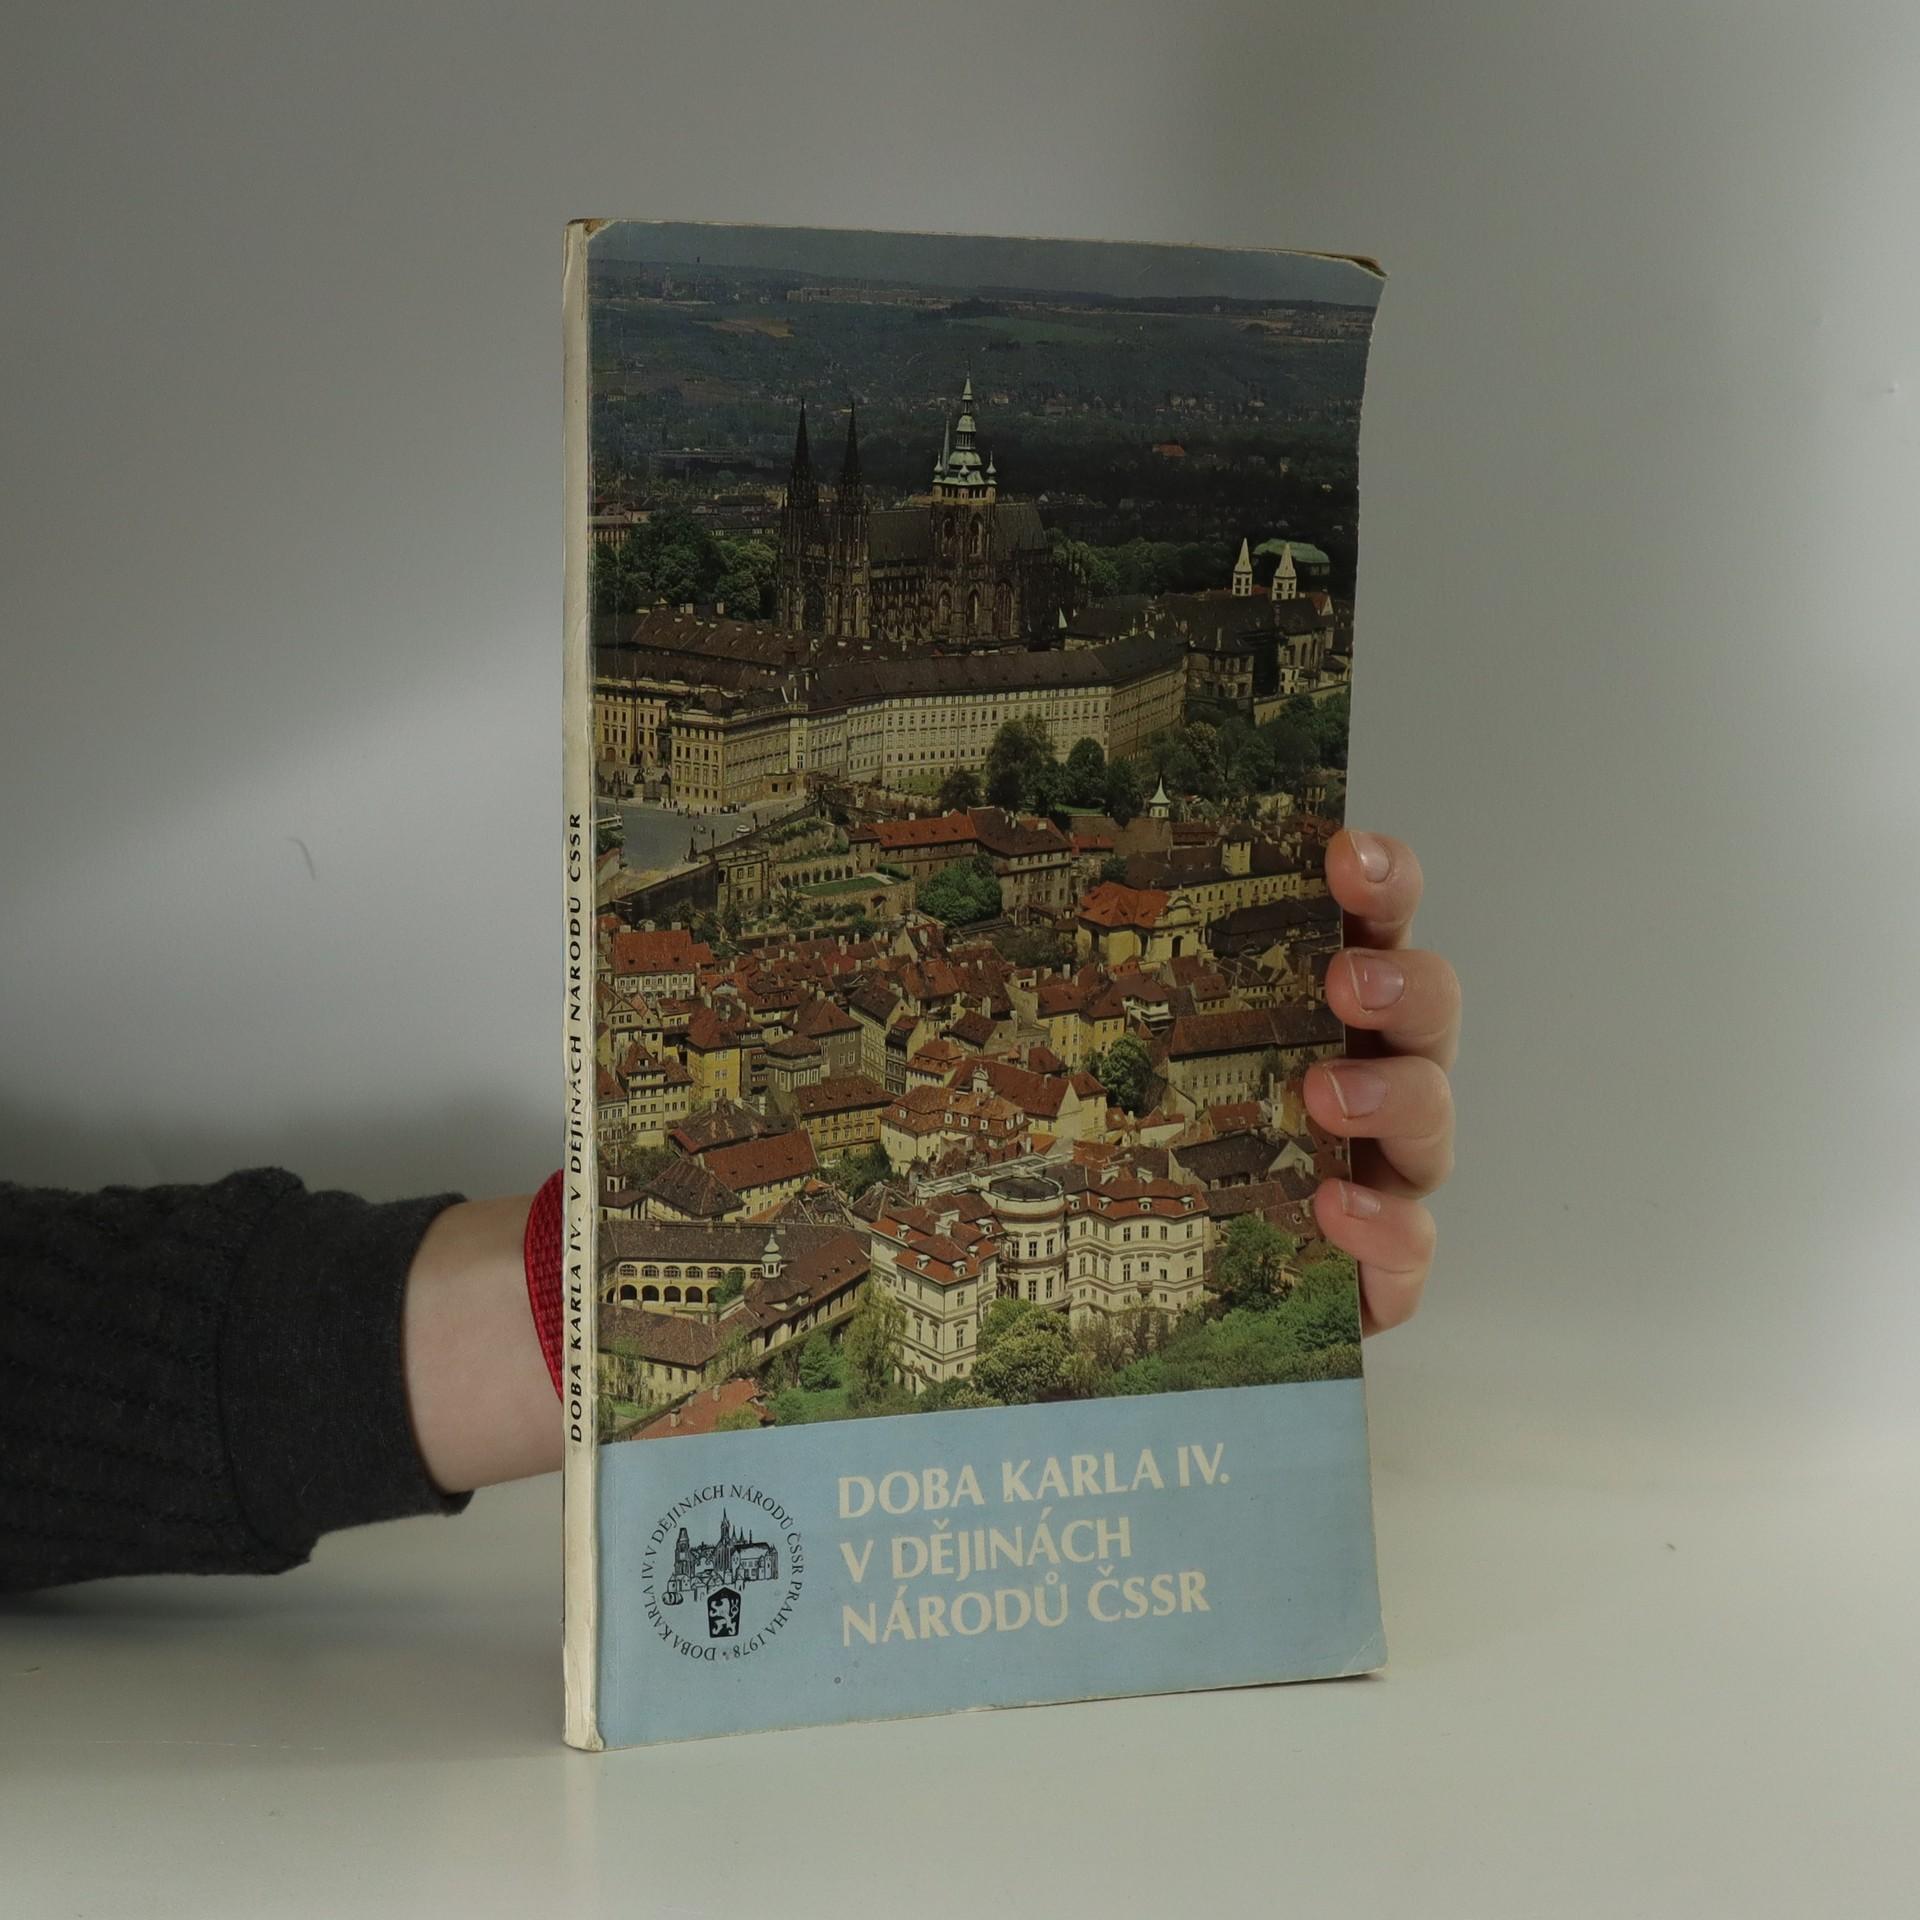 antikvární kniha Doba Karla IV. v dějinách národů ČSSR , 1978